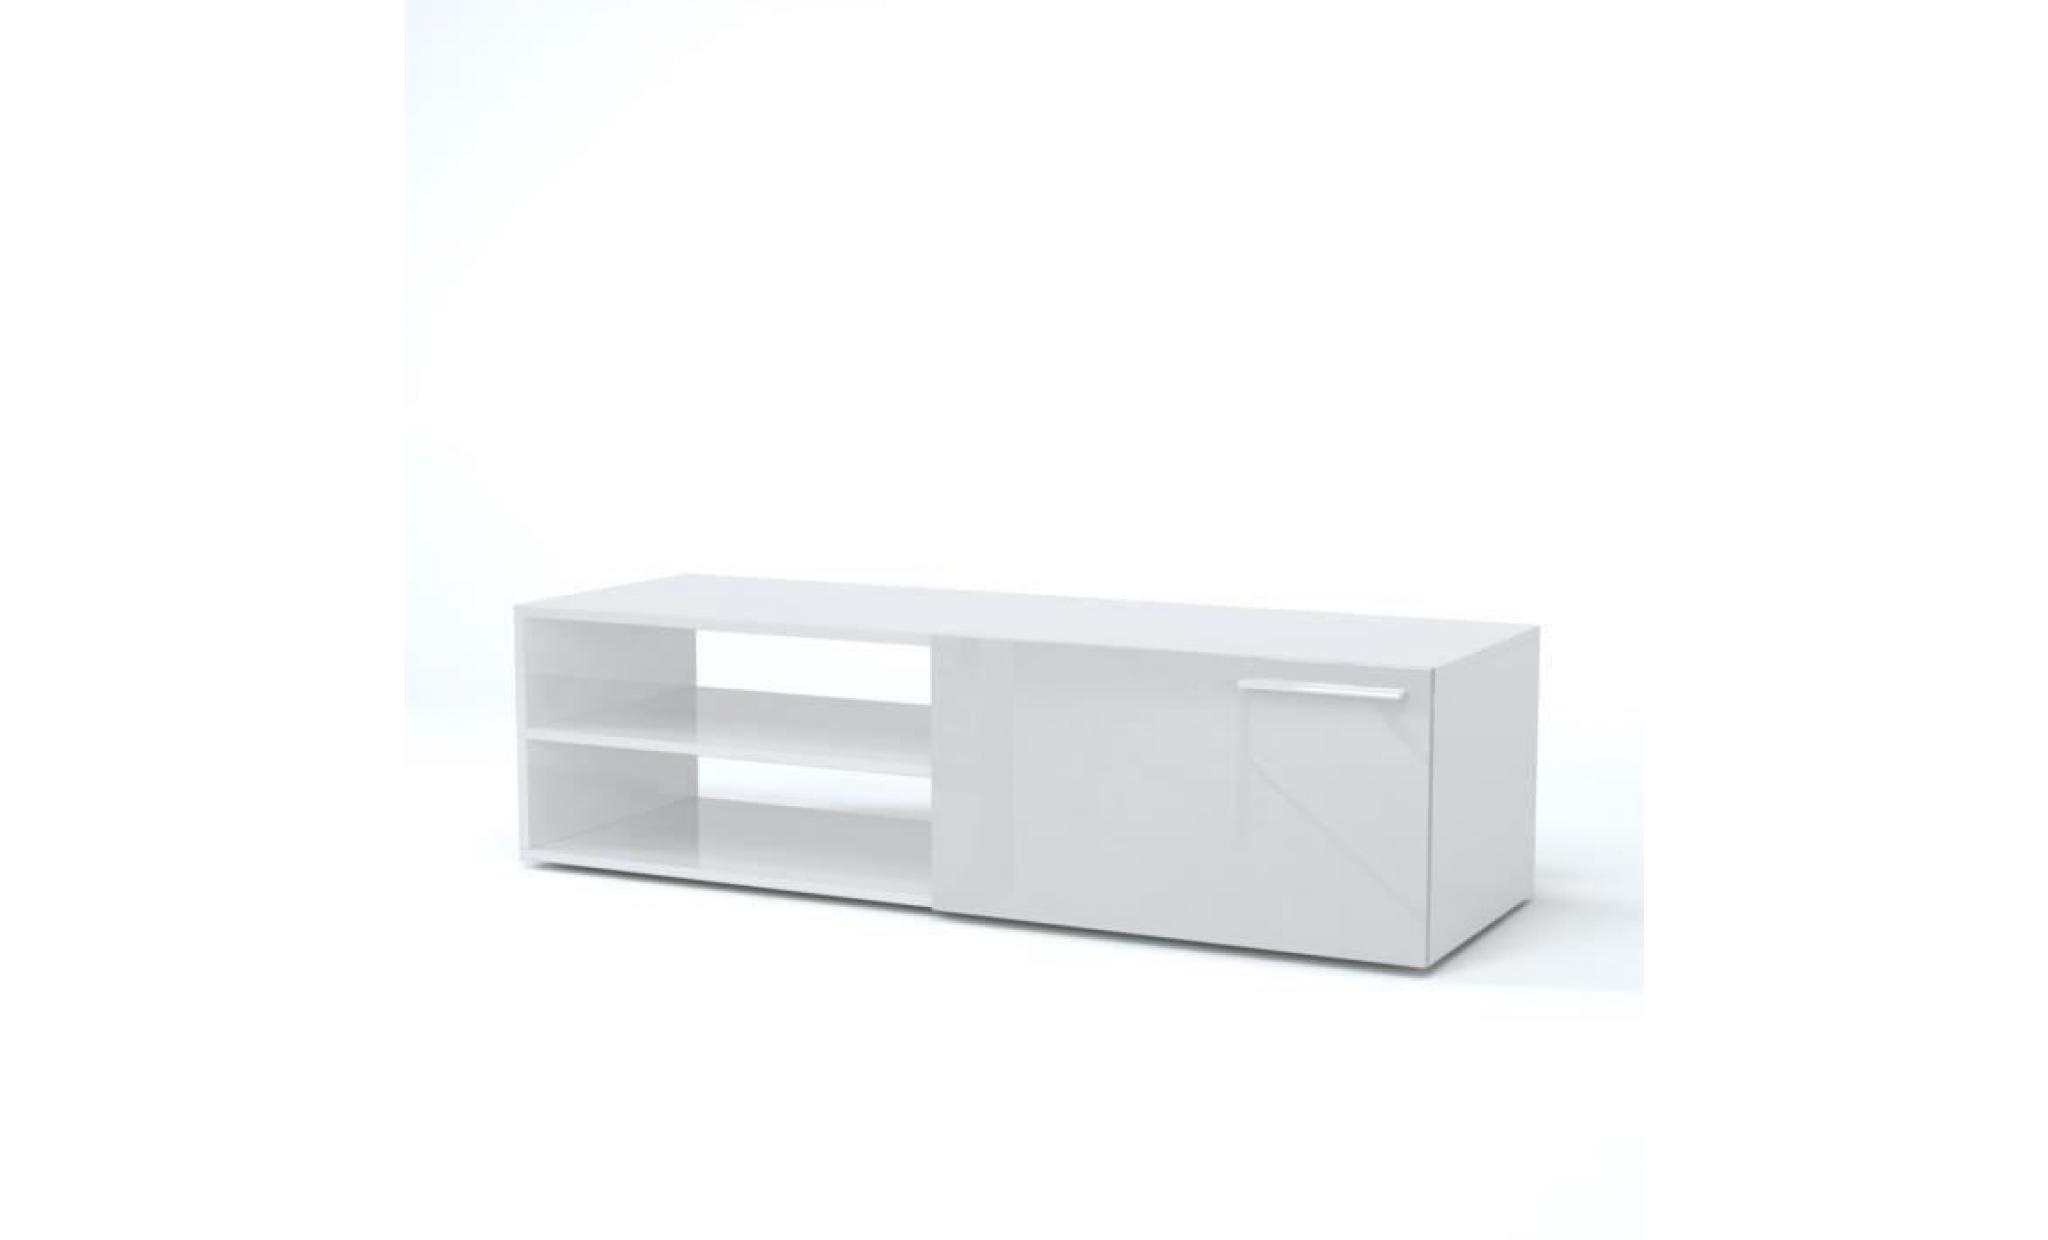 kikua meuble tv contemporain blanc brillant l 130 cm achat vente meuble tv pas cher couleur et design fr